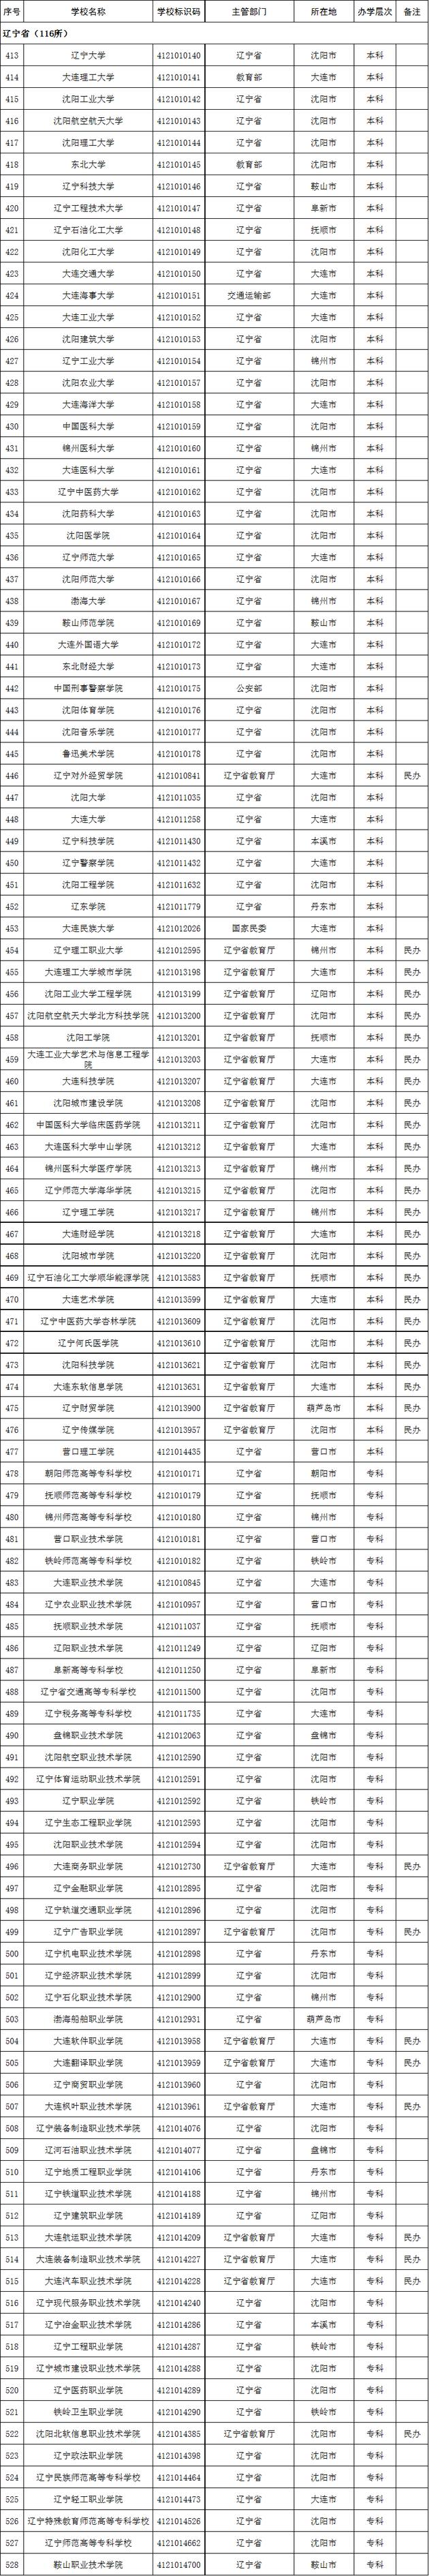 2020年辽宁省高校名单(116所)